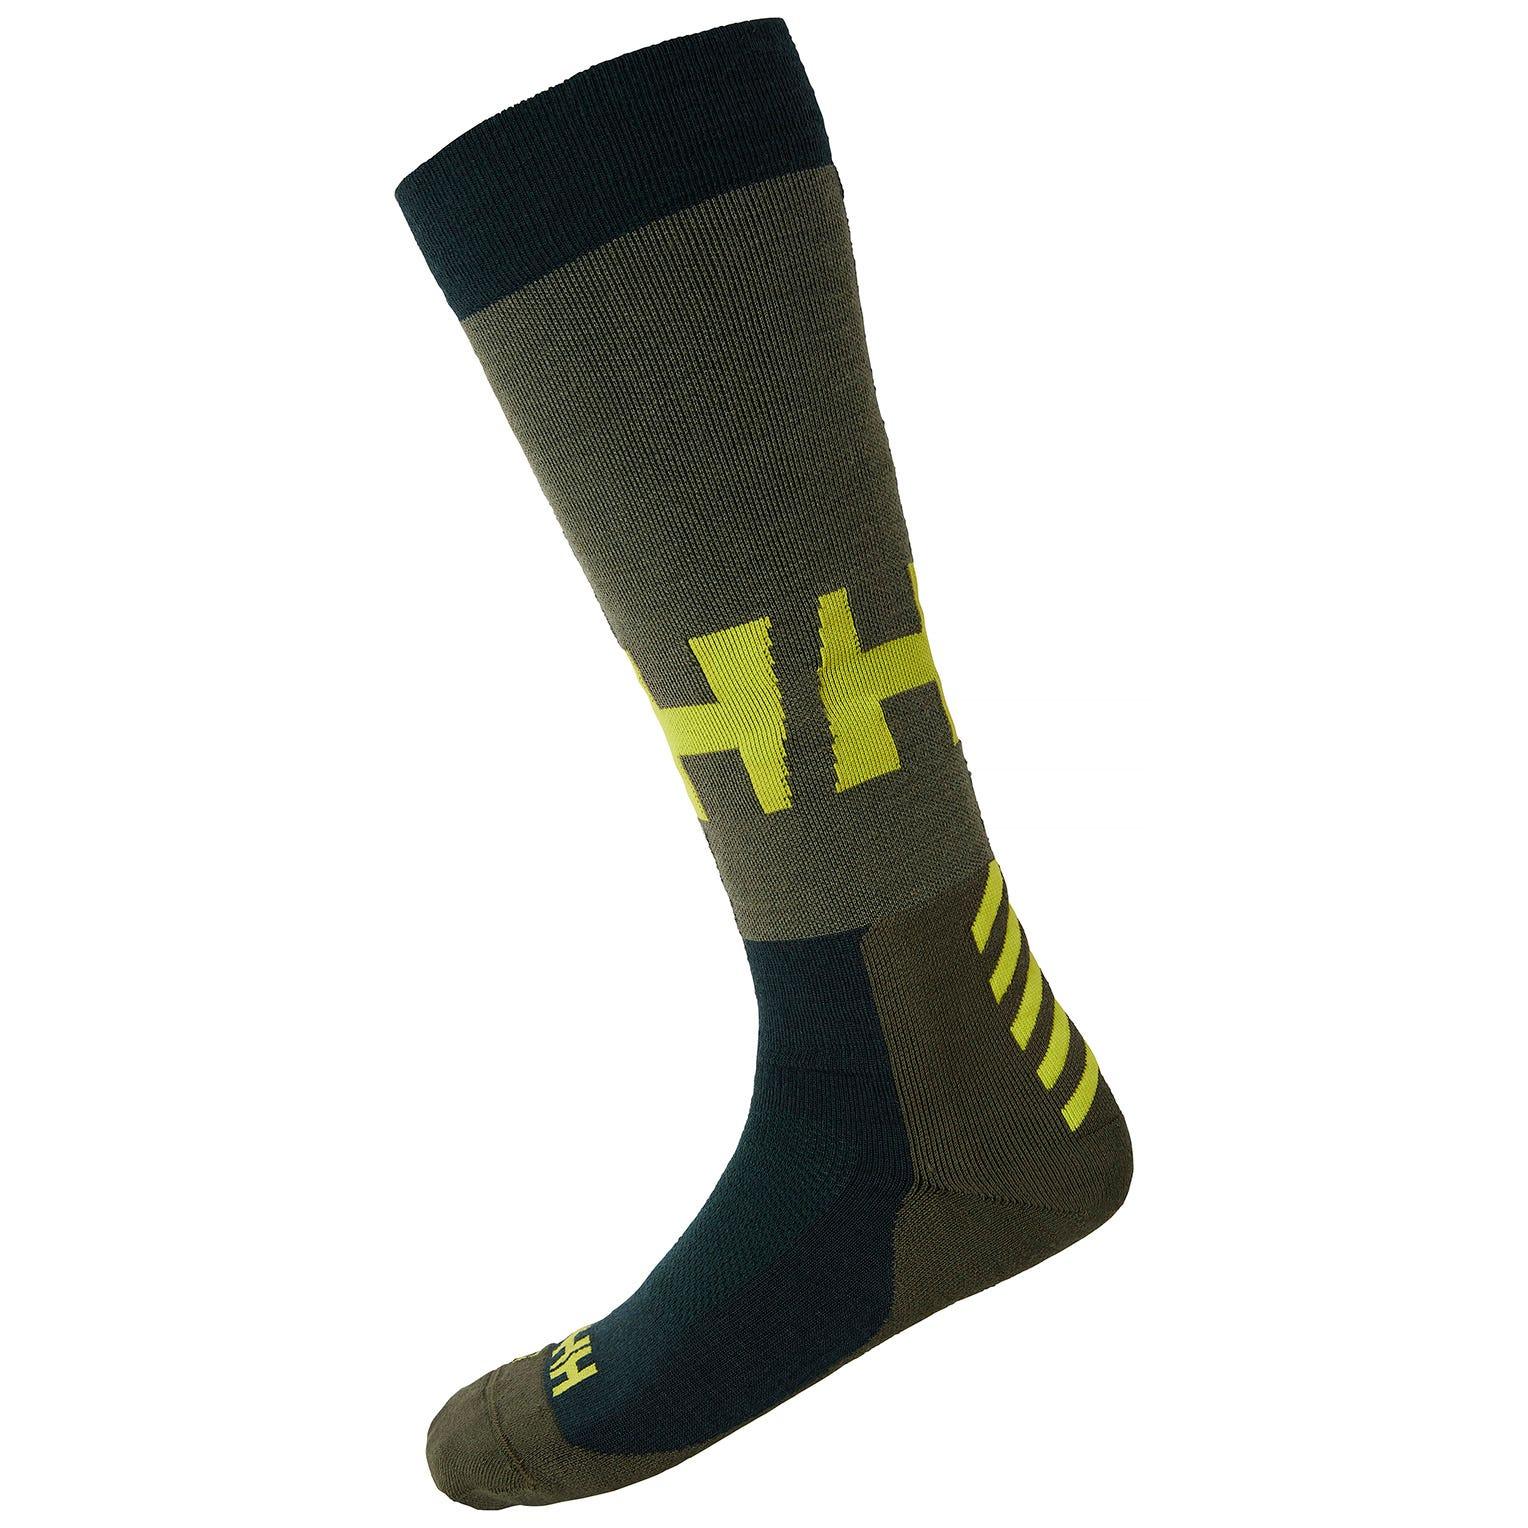 Helly Hansen Socken-67182 Unisex Socken